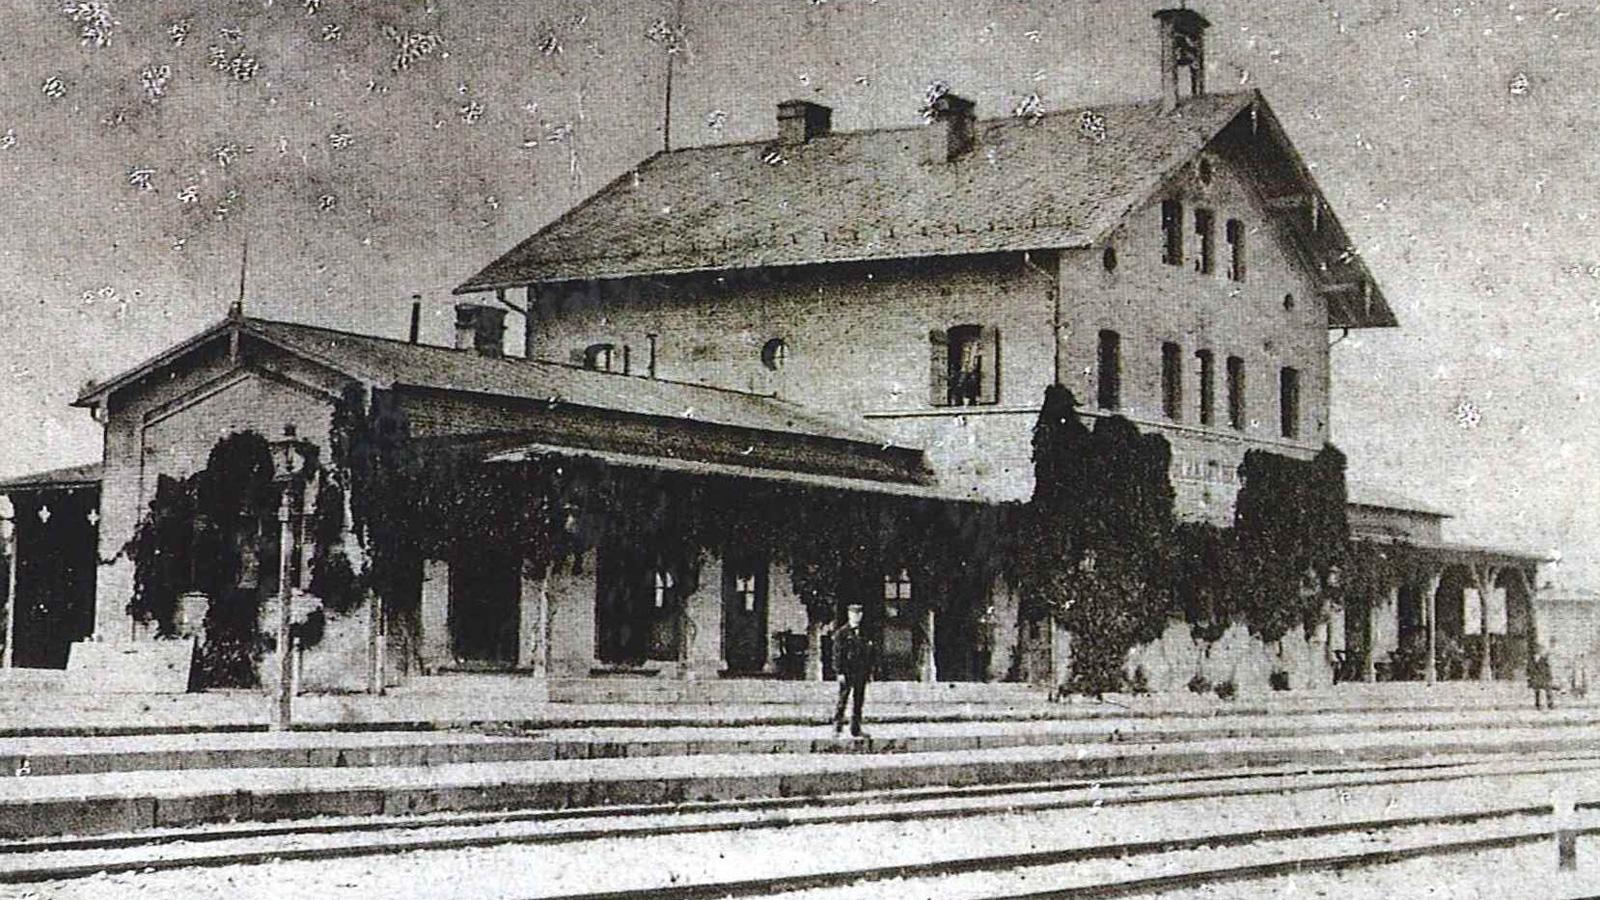 2-Die älteste Fotografie des 1860 erbauten Bahnhofgebäudes in Holzkirchen stammt etwa aus dem Jahr 1880.